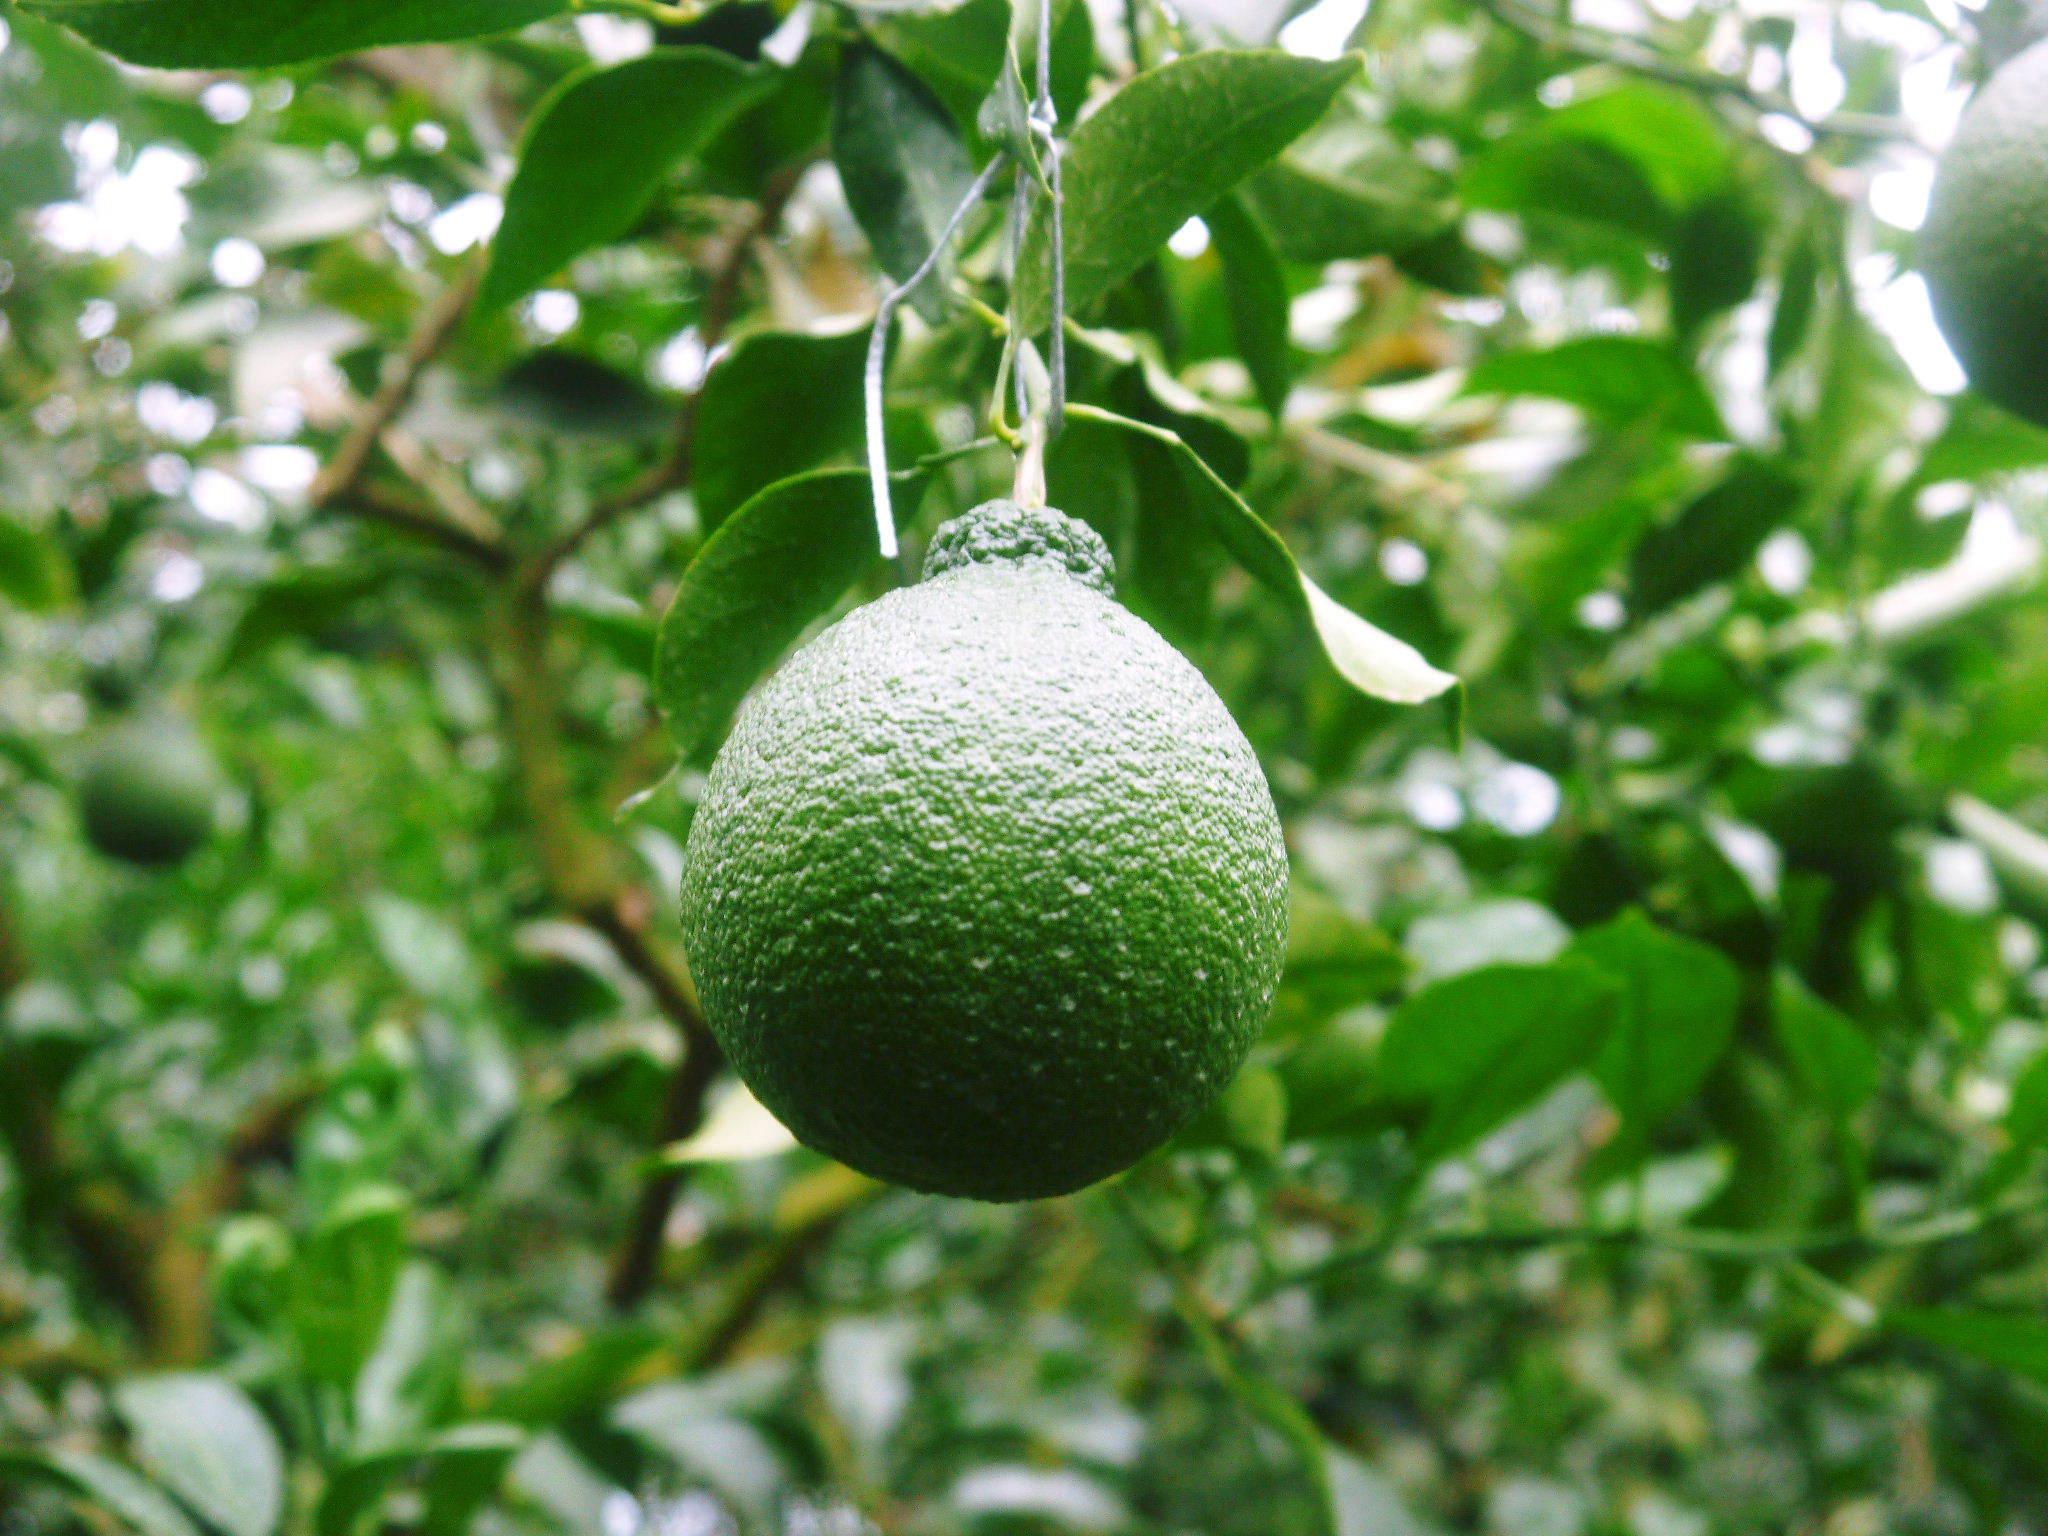 デコポン(肥後ポン) 果実の成長の様子(2021) 来年の花芽となる夏芽も元気に育っています!(前編) _a0254656_18510031.jpg